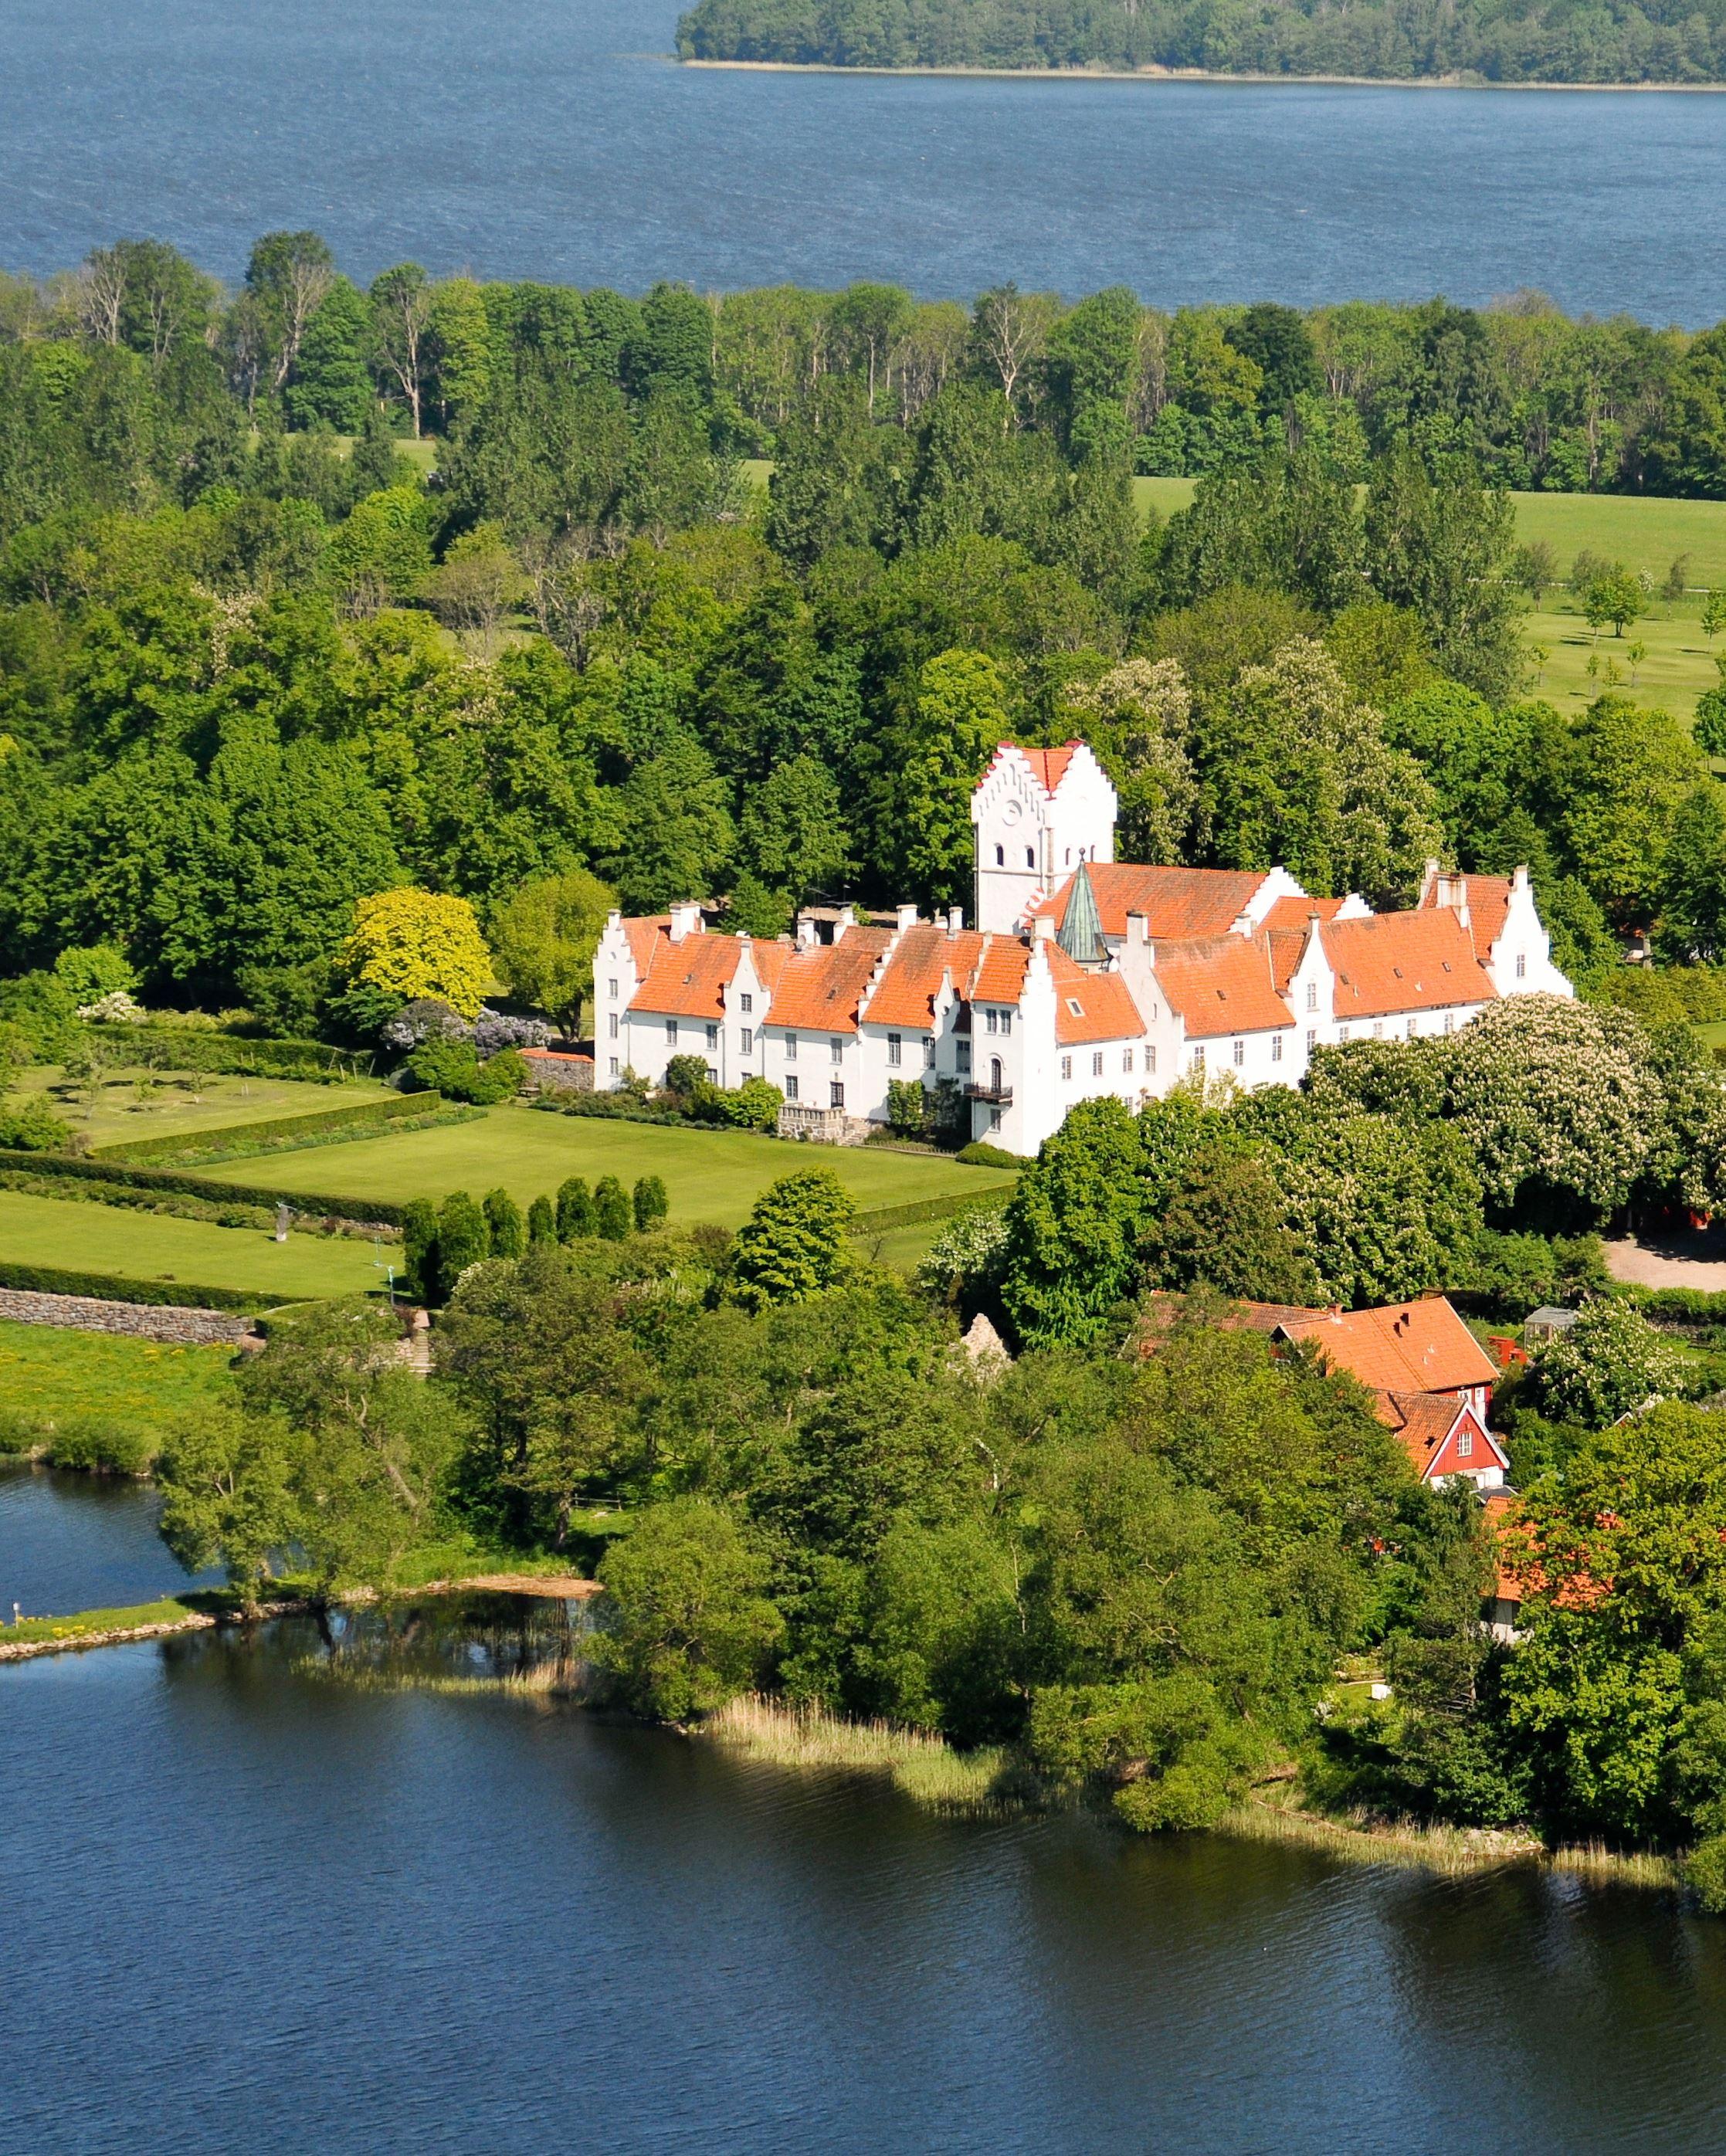 Bosjökloster Slott & Trädgårdar